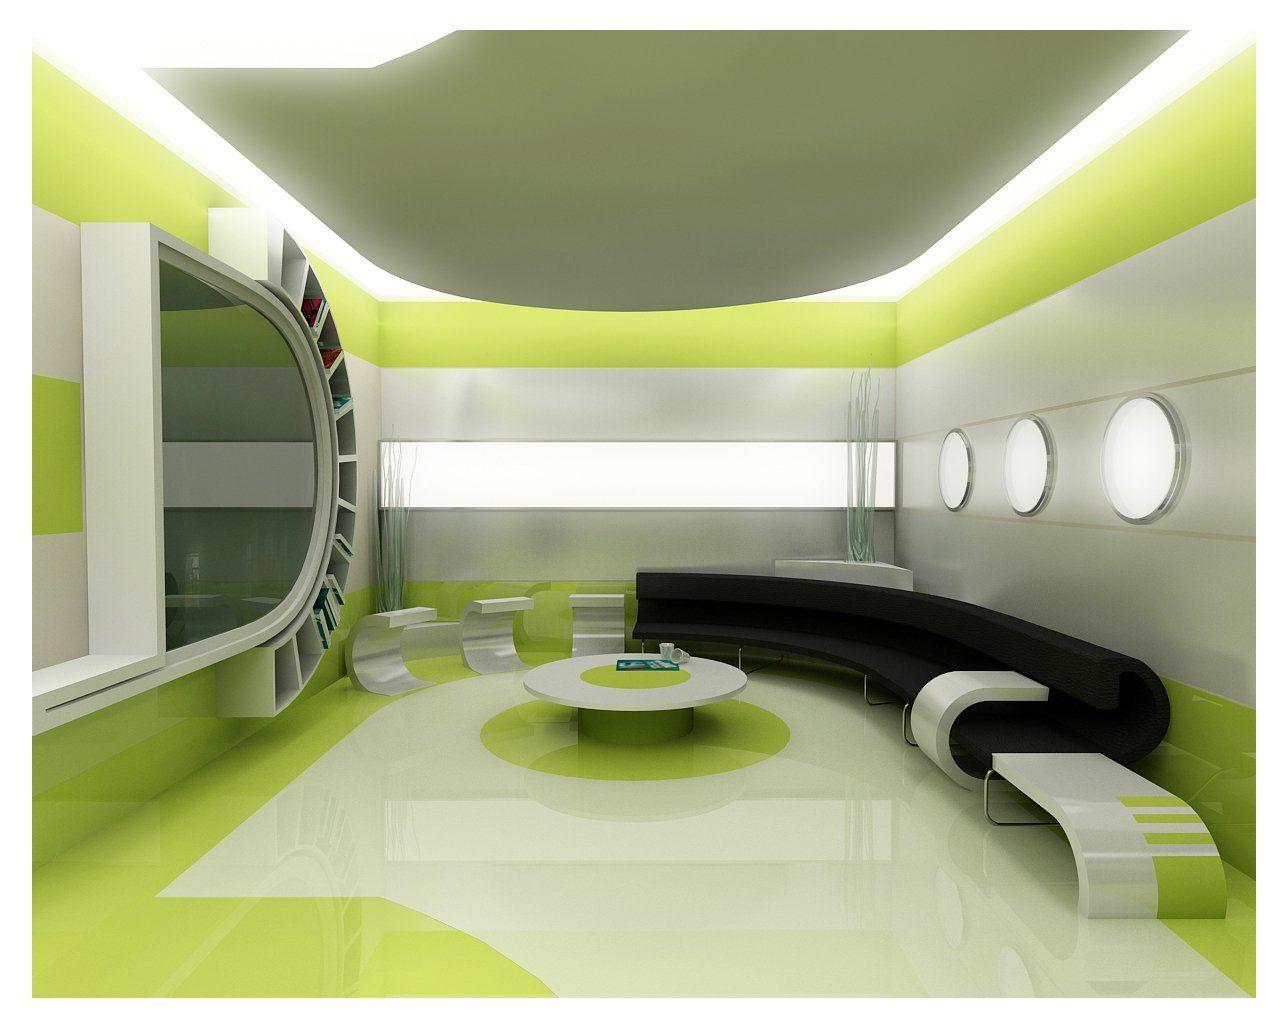 Full-color-home-interior-decorating - Interior Exterior ...